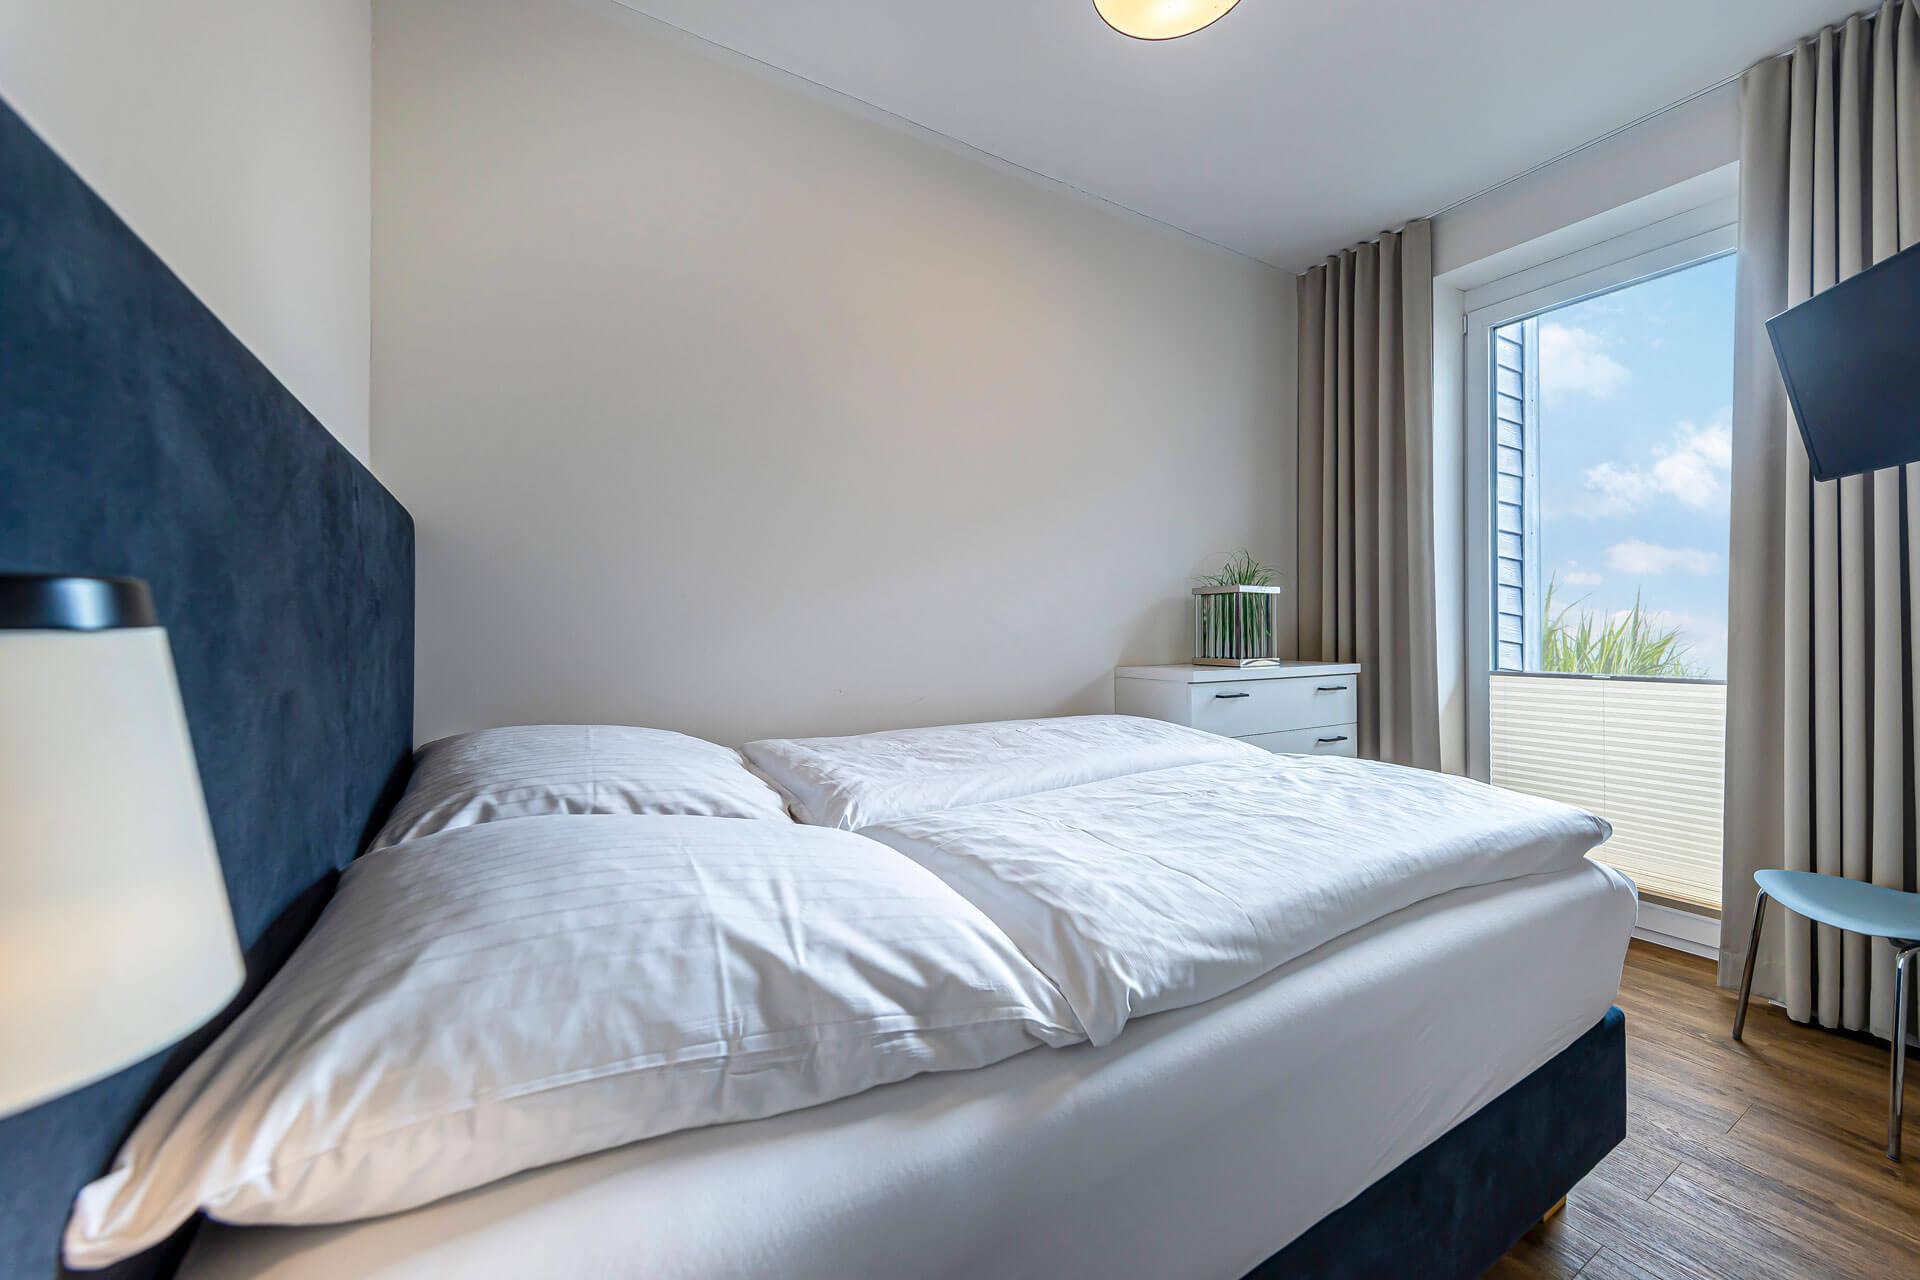 Hotel-Meerzeit-Apartment_Schlafzimmer